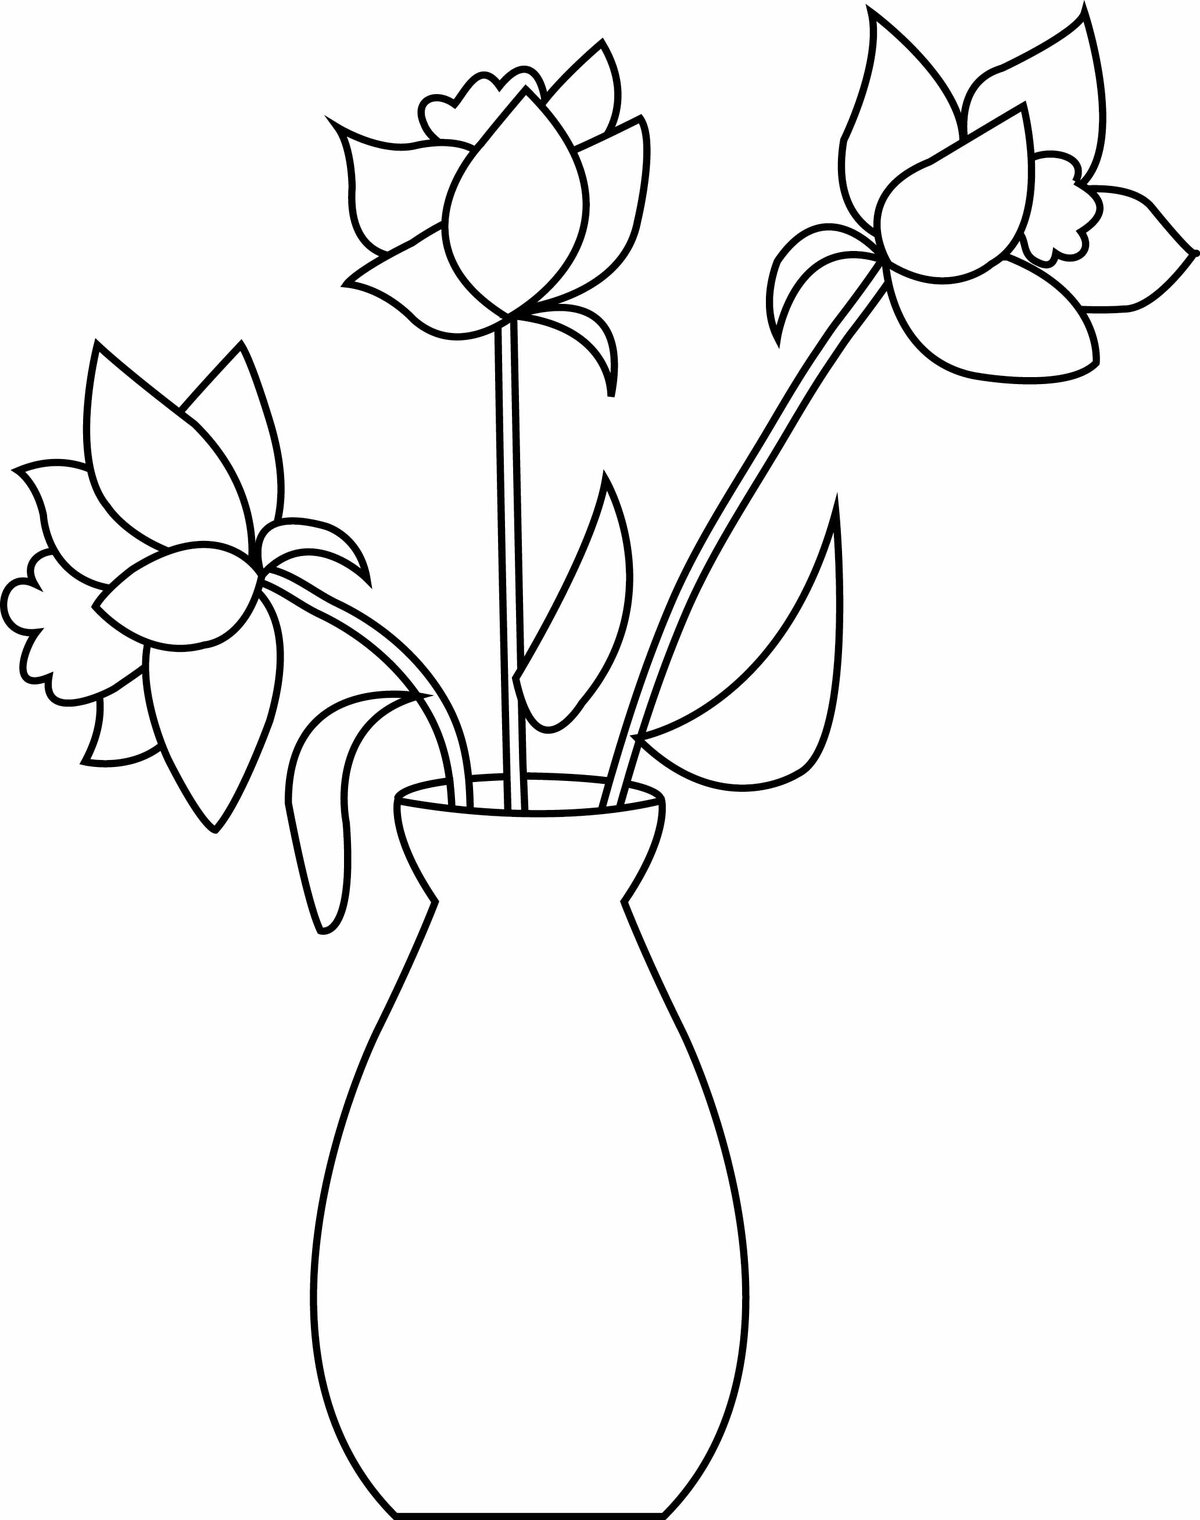 данным ваза с цветами рисунки простым карандашом приказал цезарю развестись